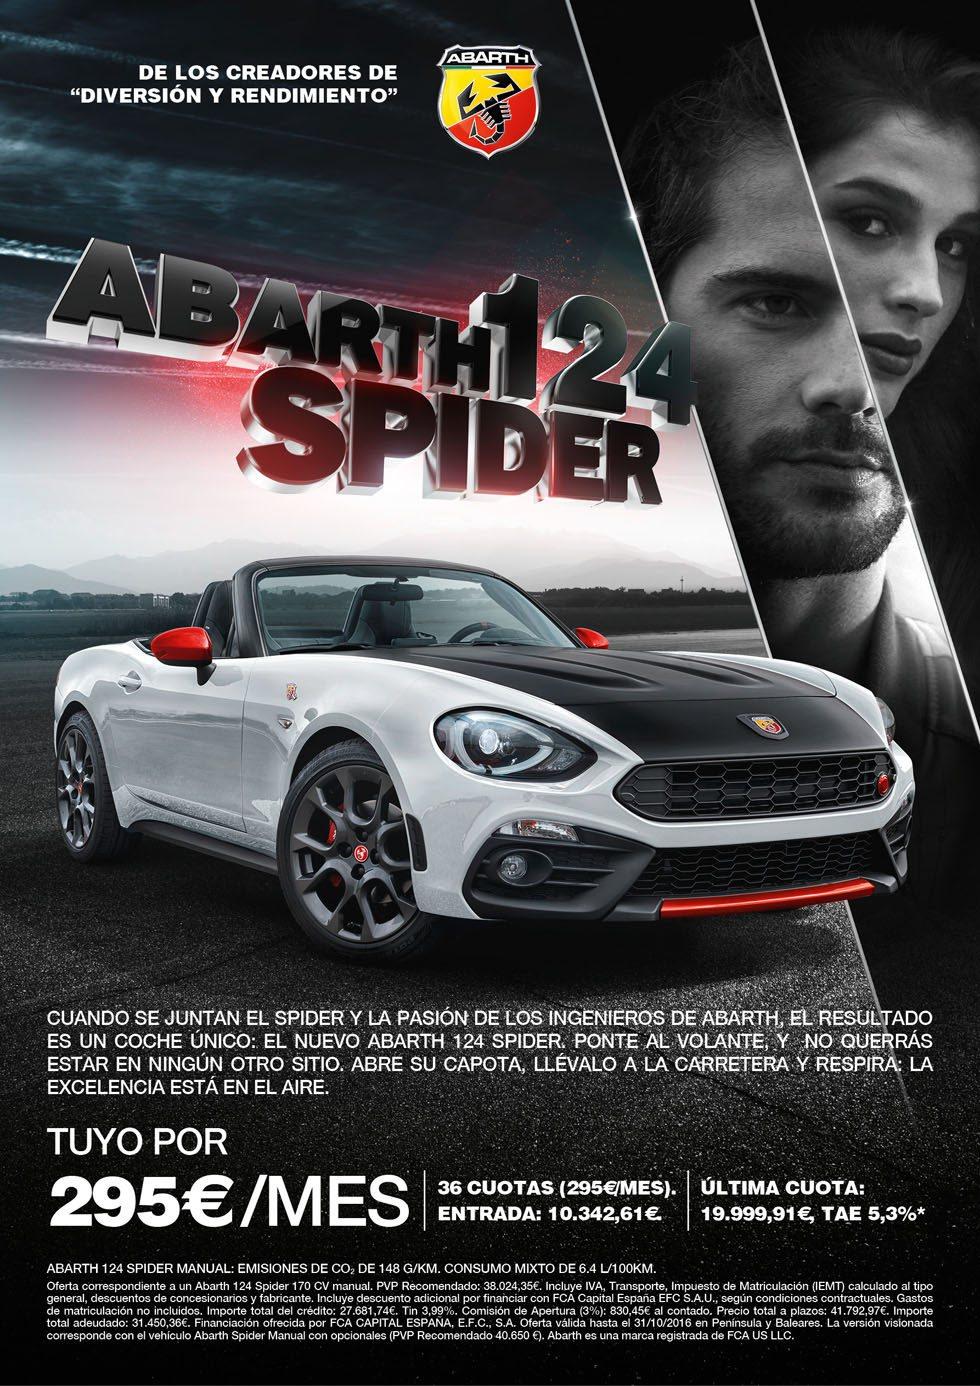 El Abarth 124 Spider ya está a la venta. Por 295 euros al mes te garantiza la más divertida experiencia de conducción.